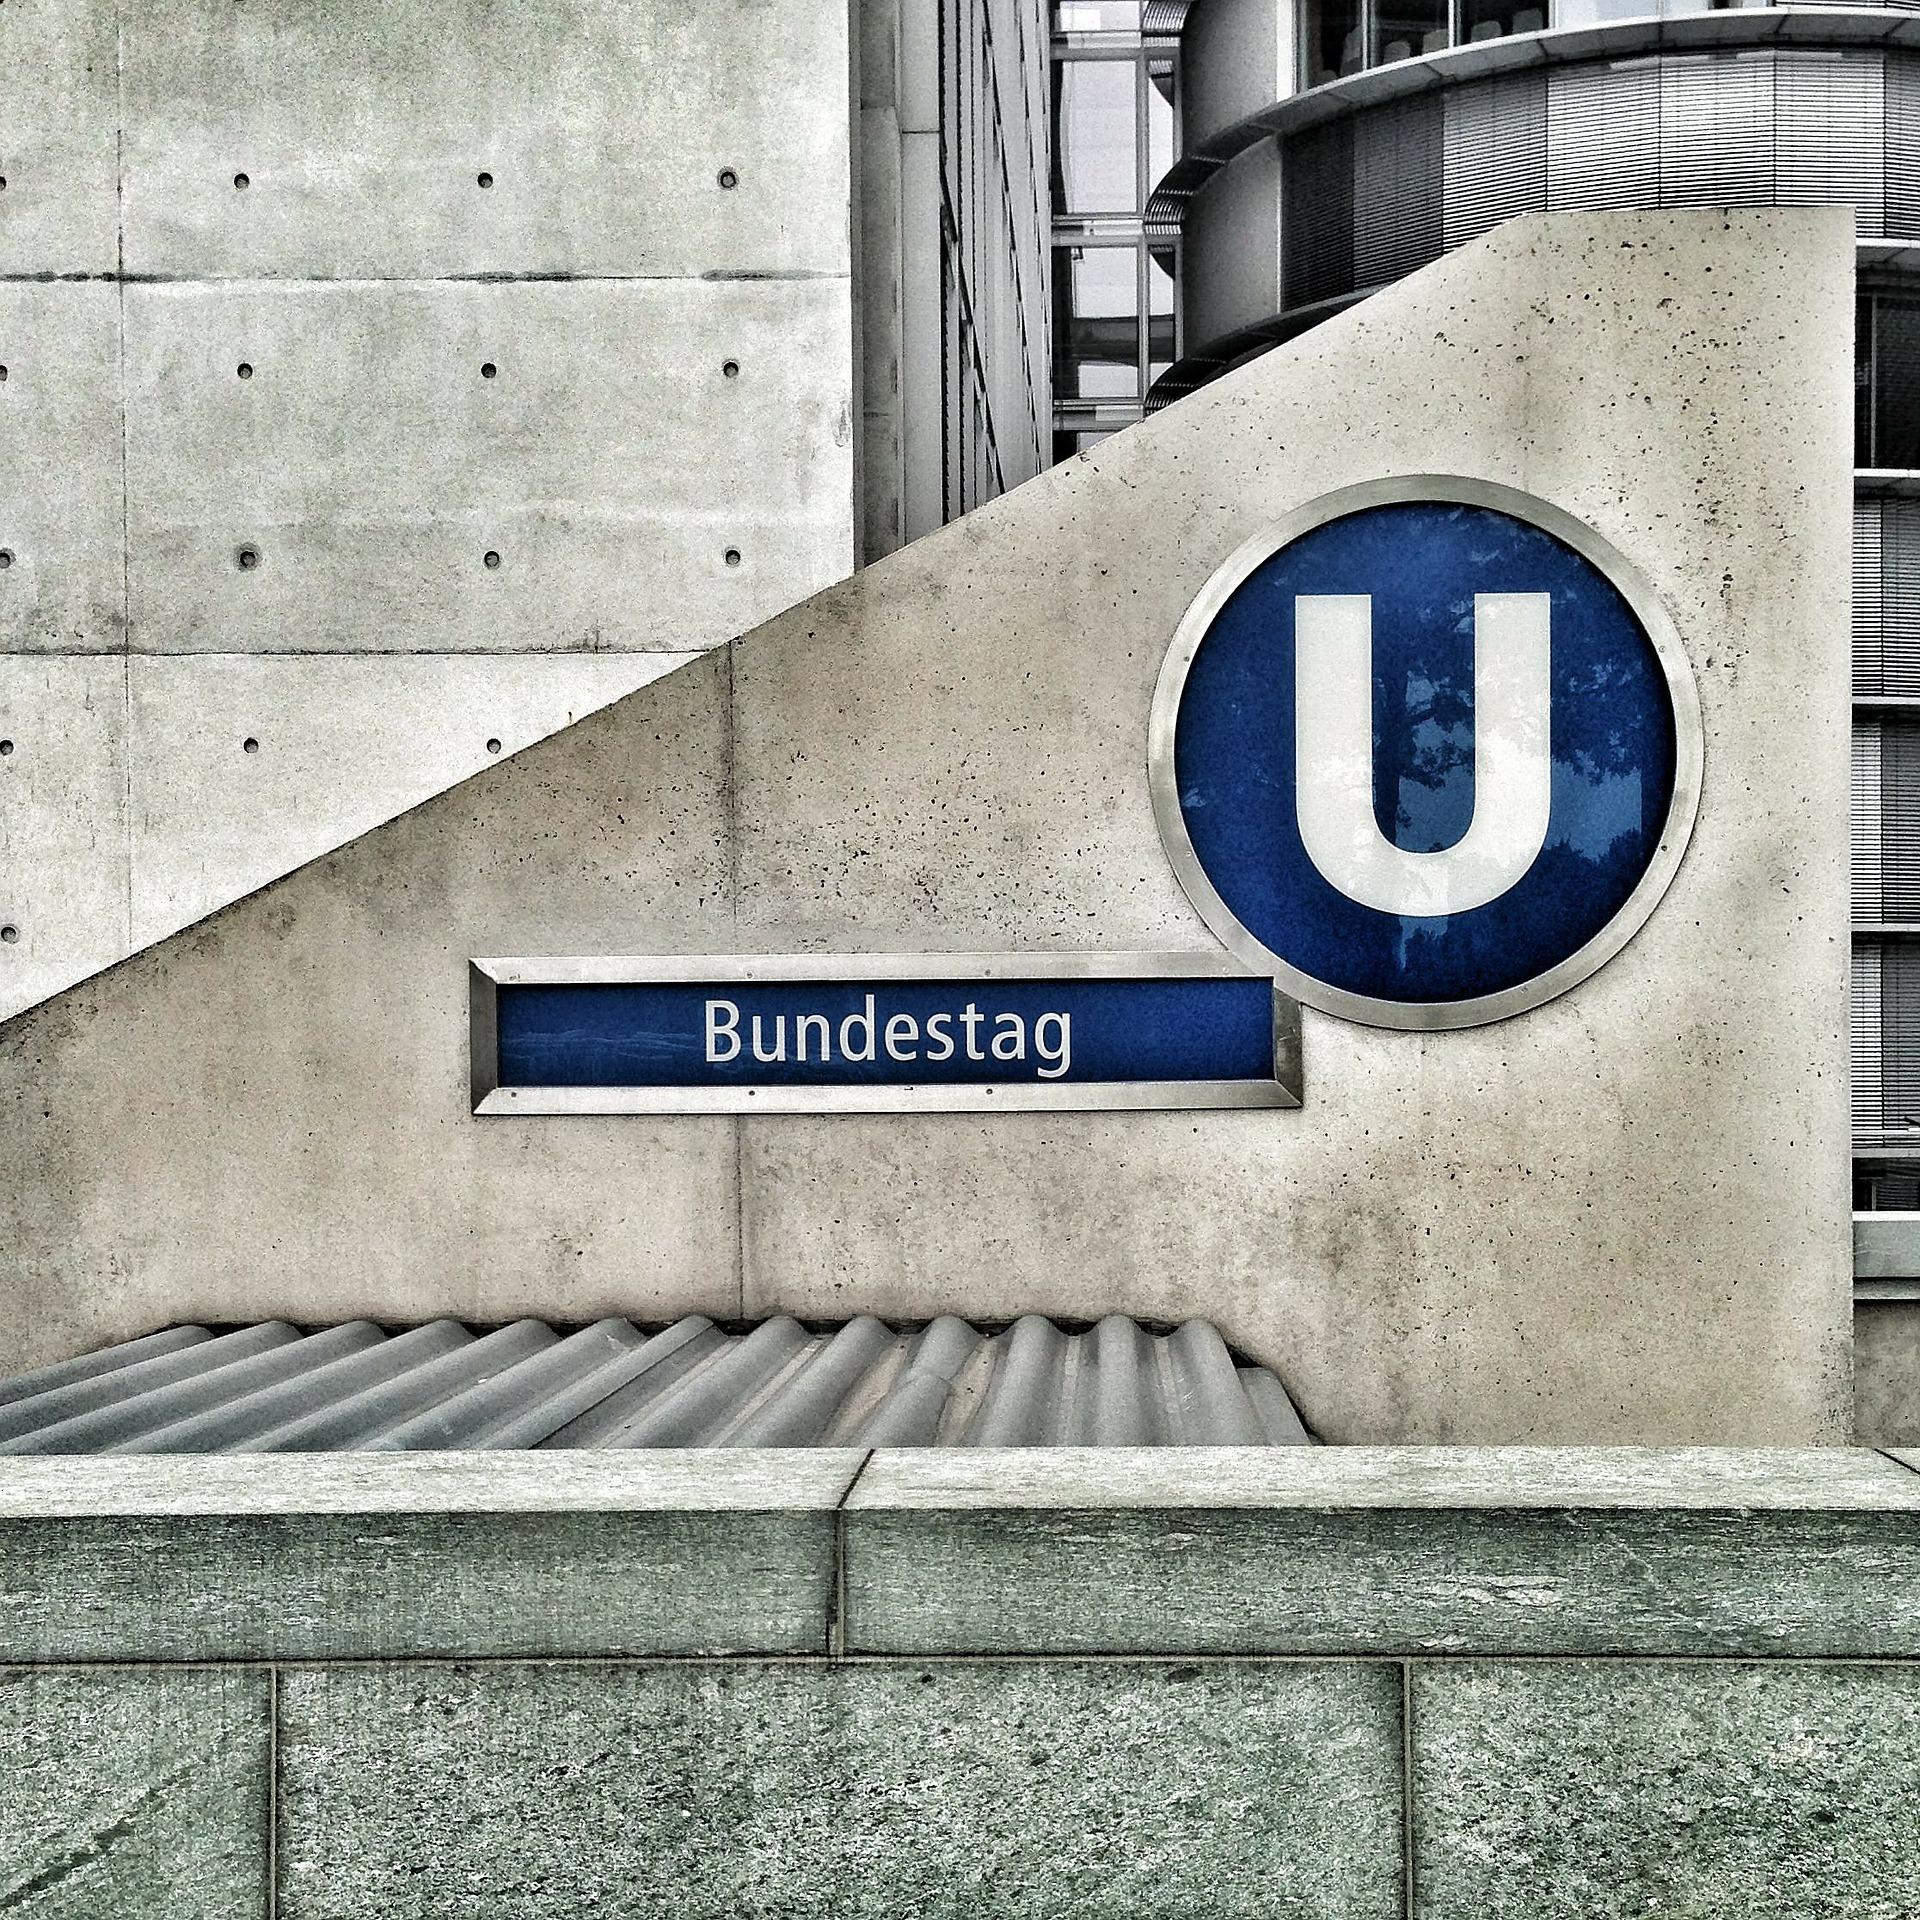 CDU-Politiker: Welche Rolle spielte Finanzministerium bei Wirecard-Skandal?